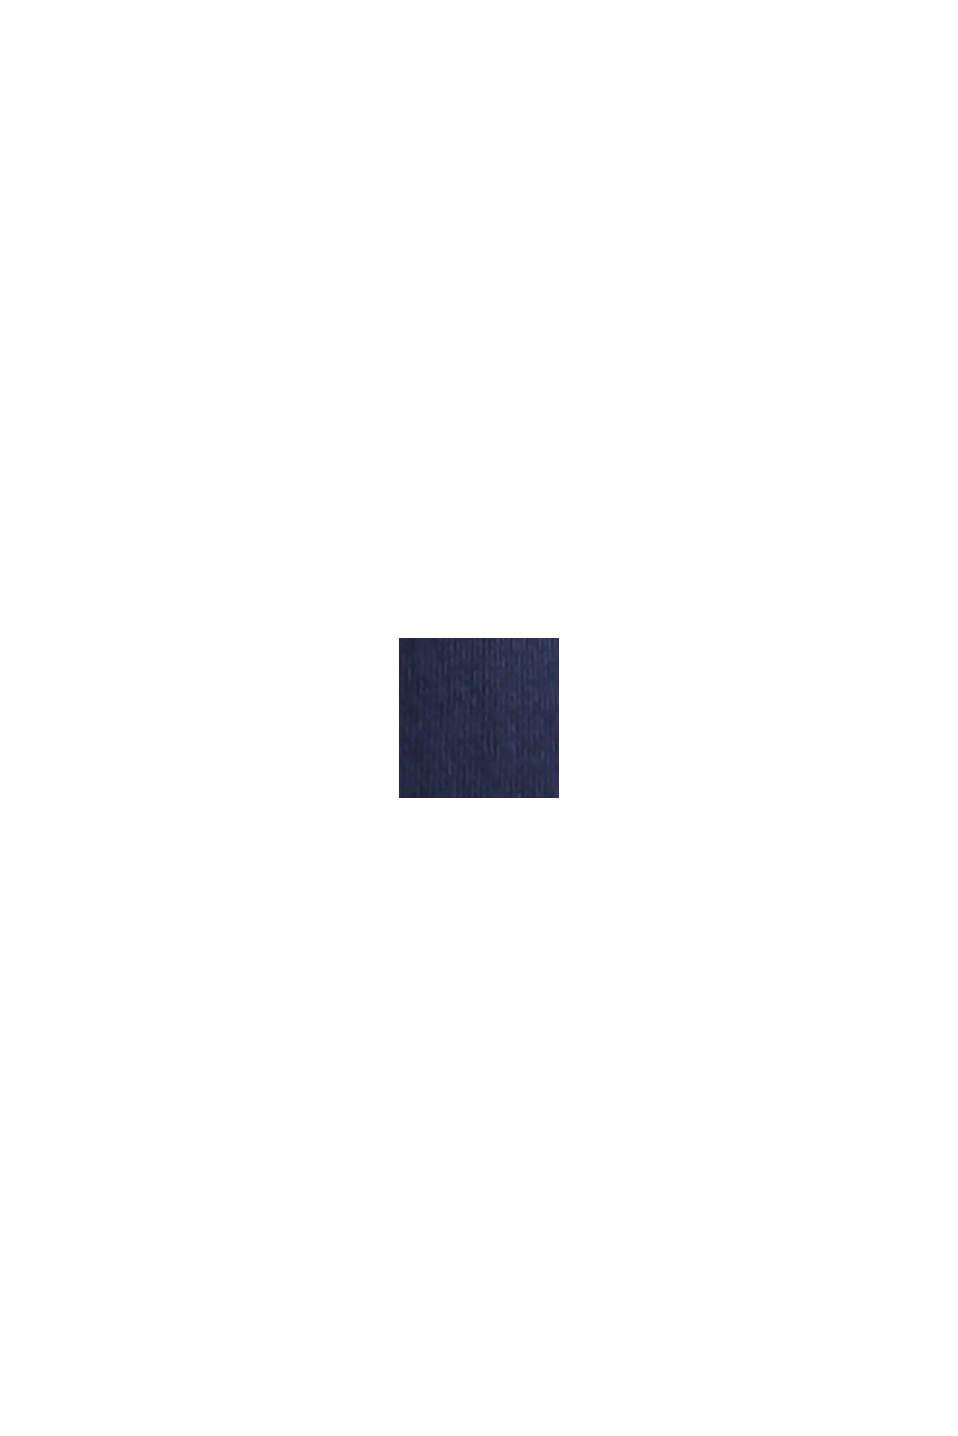 T-shirt med print, økologisk bomuld, NAVY BLUE, swatch